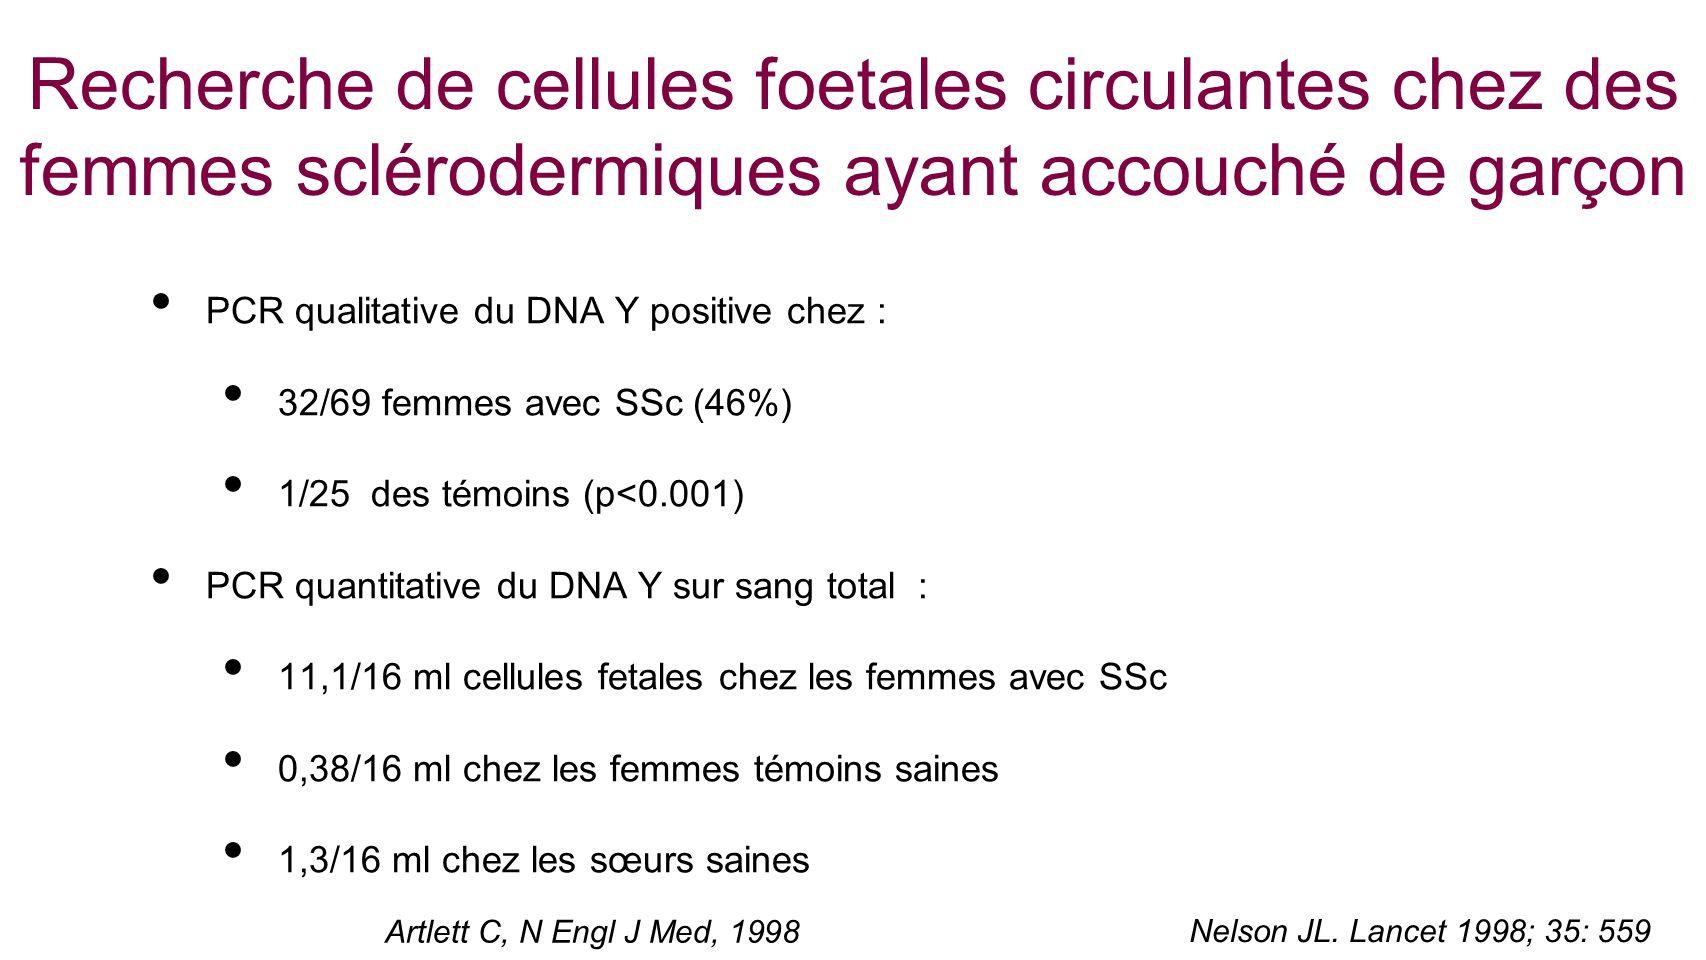 Recherche de cellules foetales circulantes chez des femmes sclérodermiques ayant accouché de garçon PCR qualitative du DNA Y positive chez : 32/69 fem